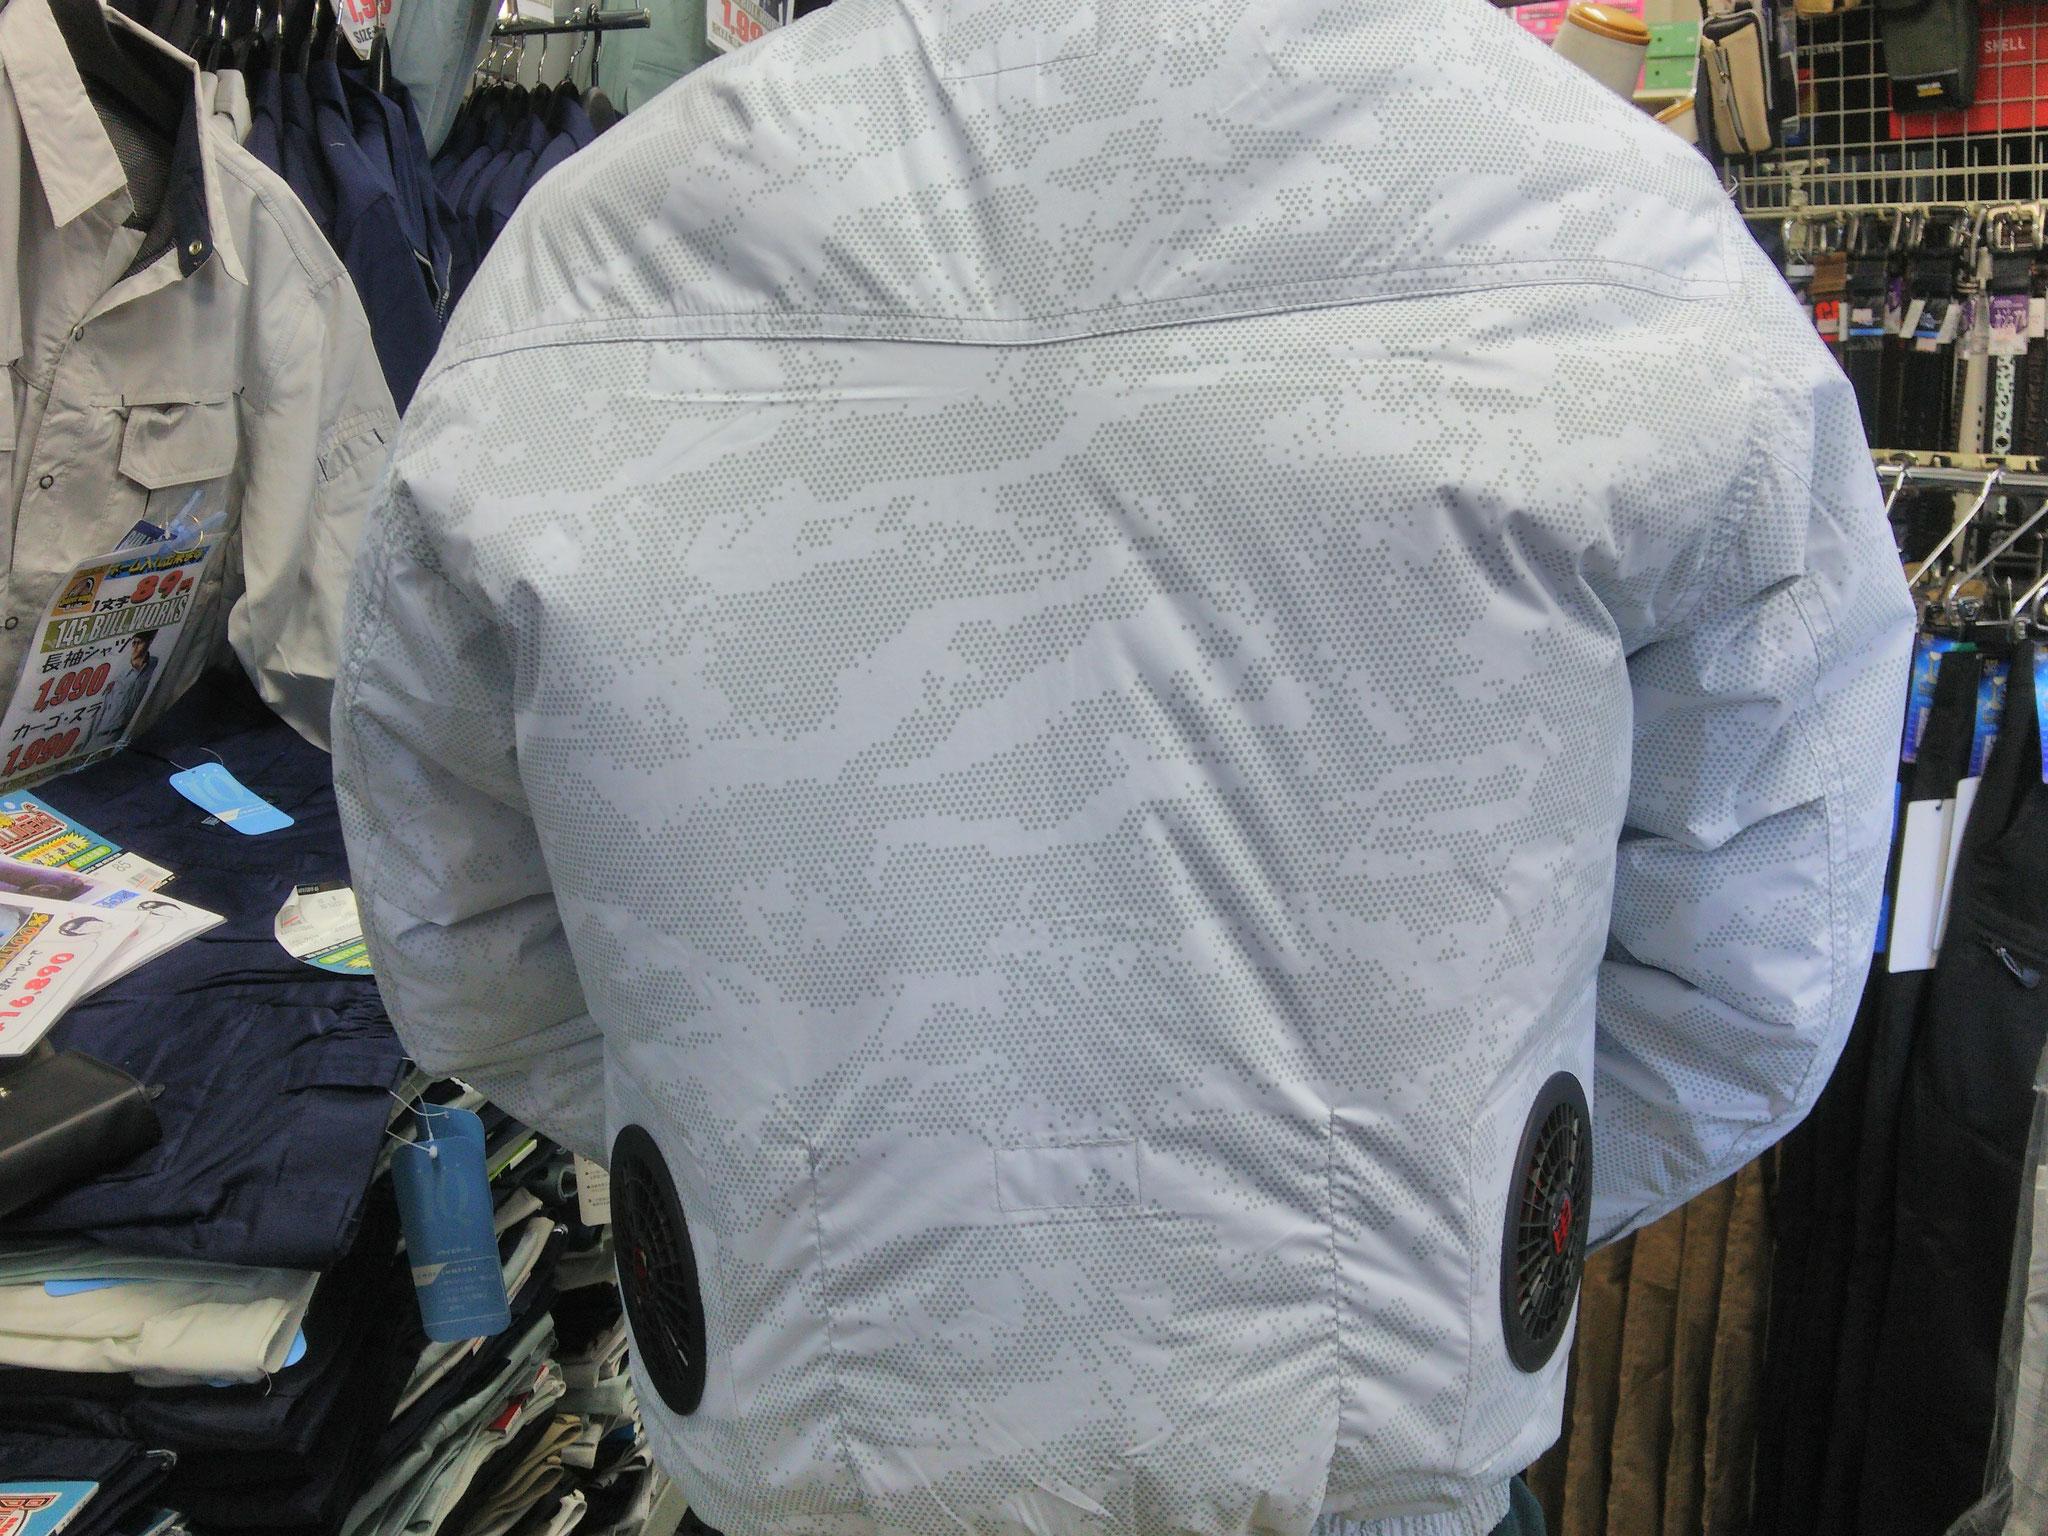 HOOH(鳳皇)の裏チタン空調服~快適ウェア~着てみました。風が体中を駆け巡る爽快感がいいですね。